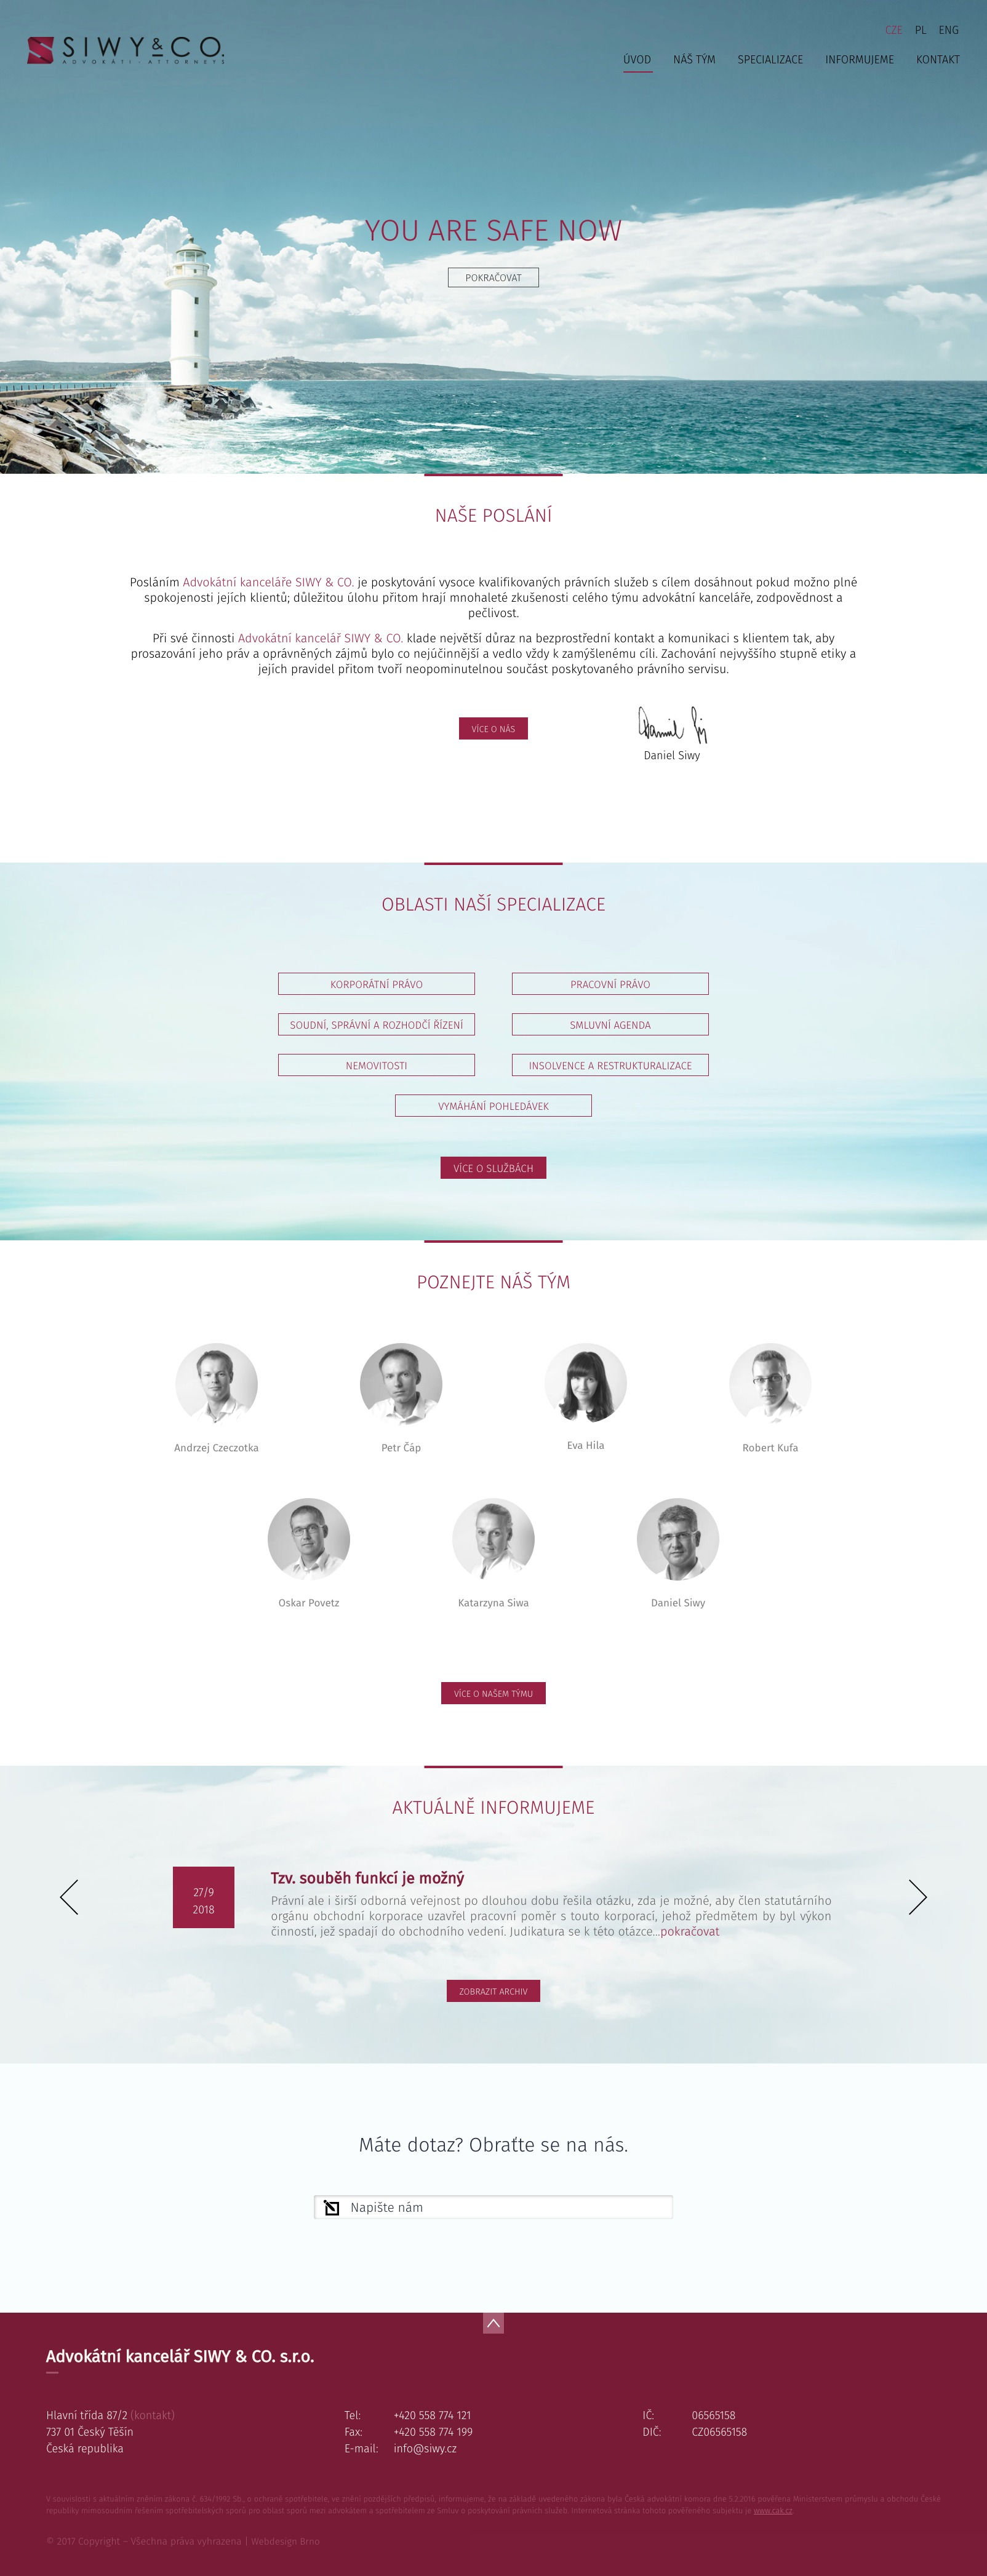 Realizace Webdesign Advokatní kancelář Siwy